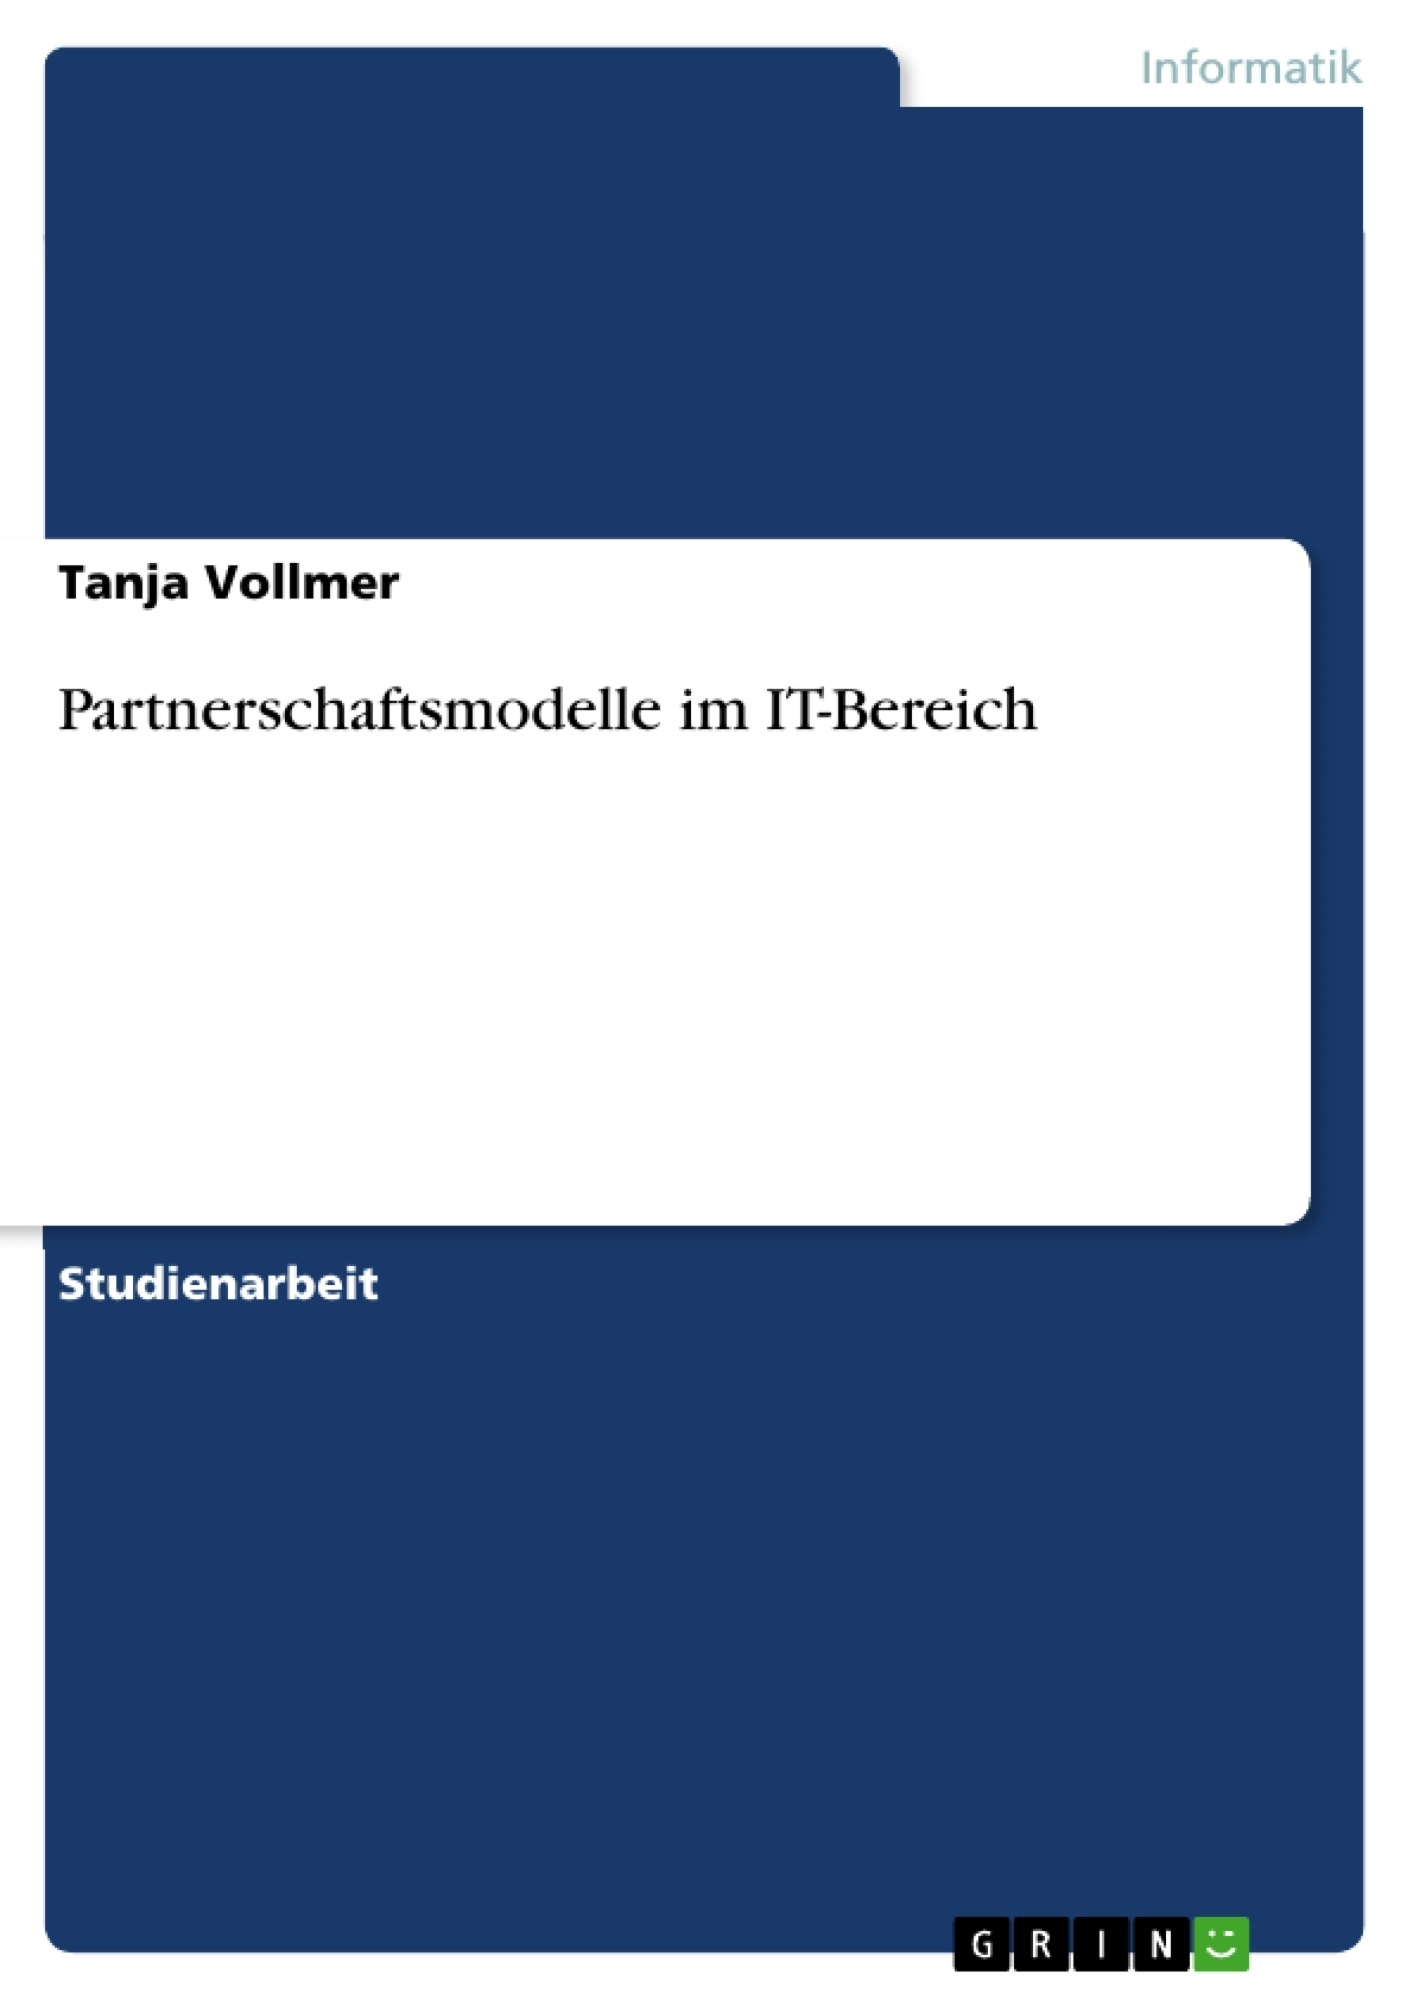 Titel: Partnerschaftsmodelle im IT-Bereich